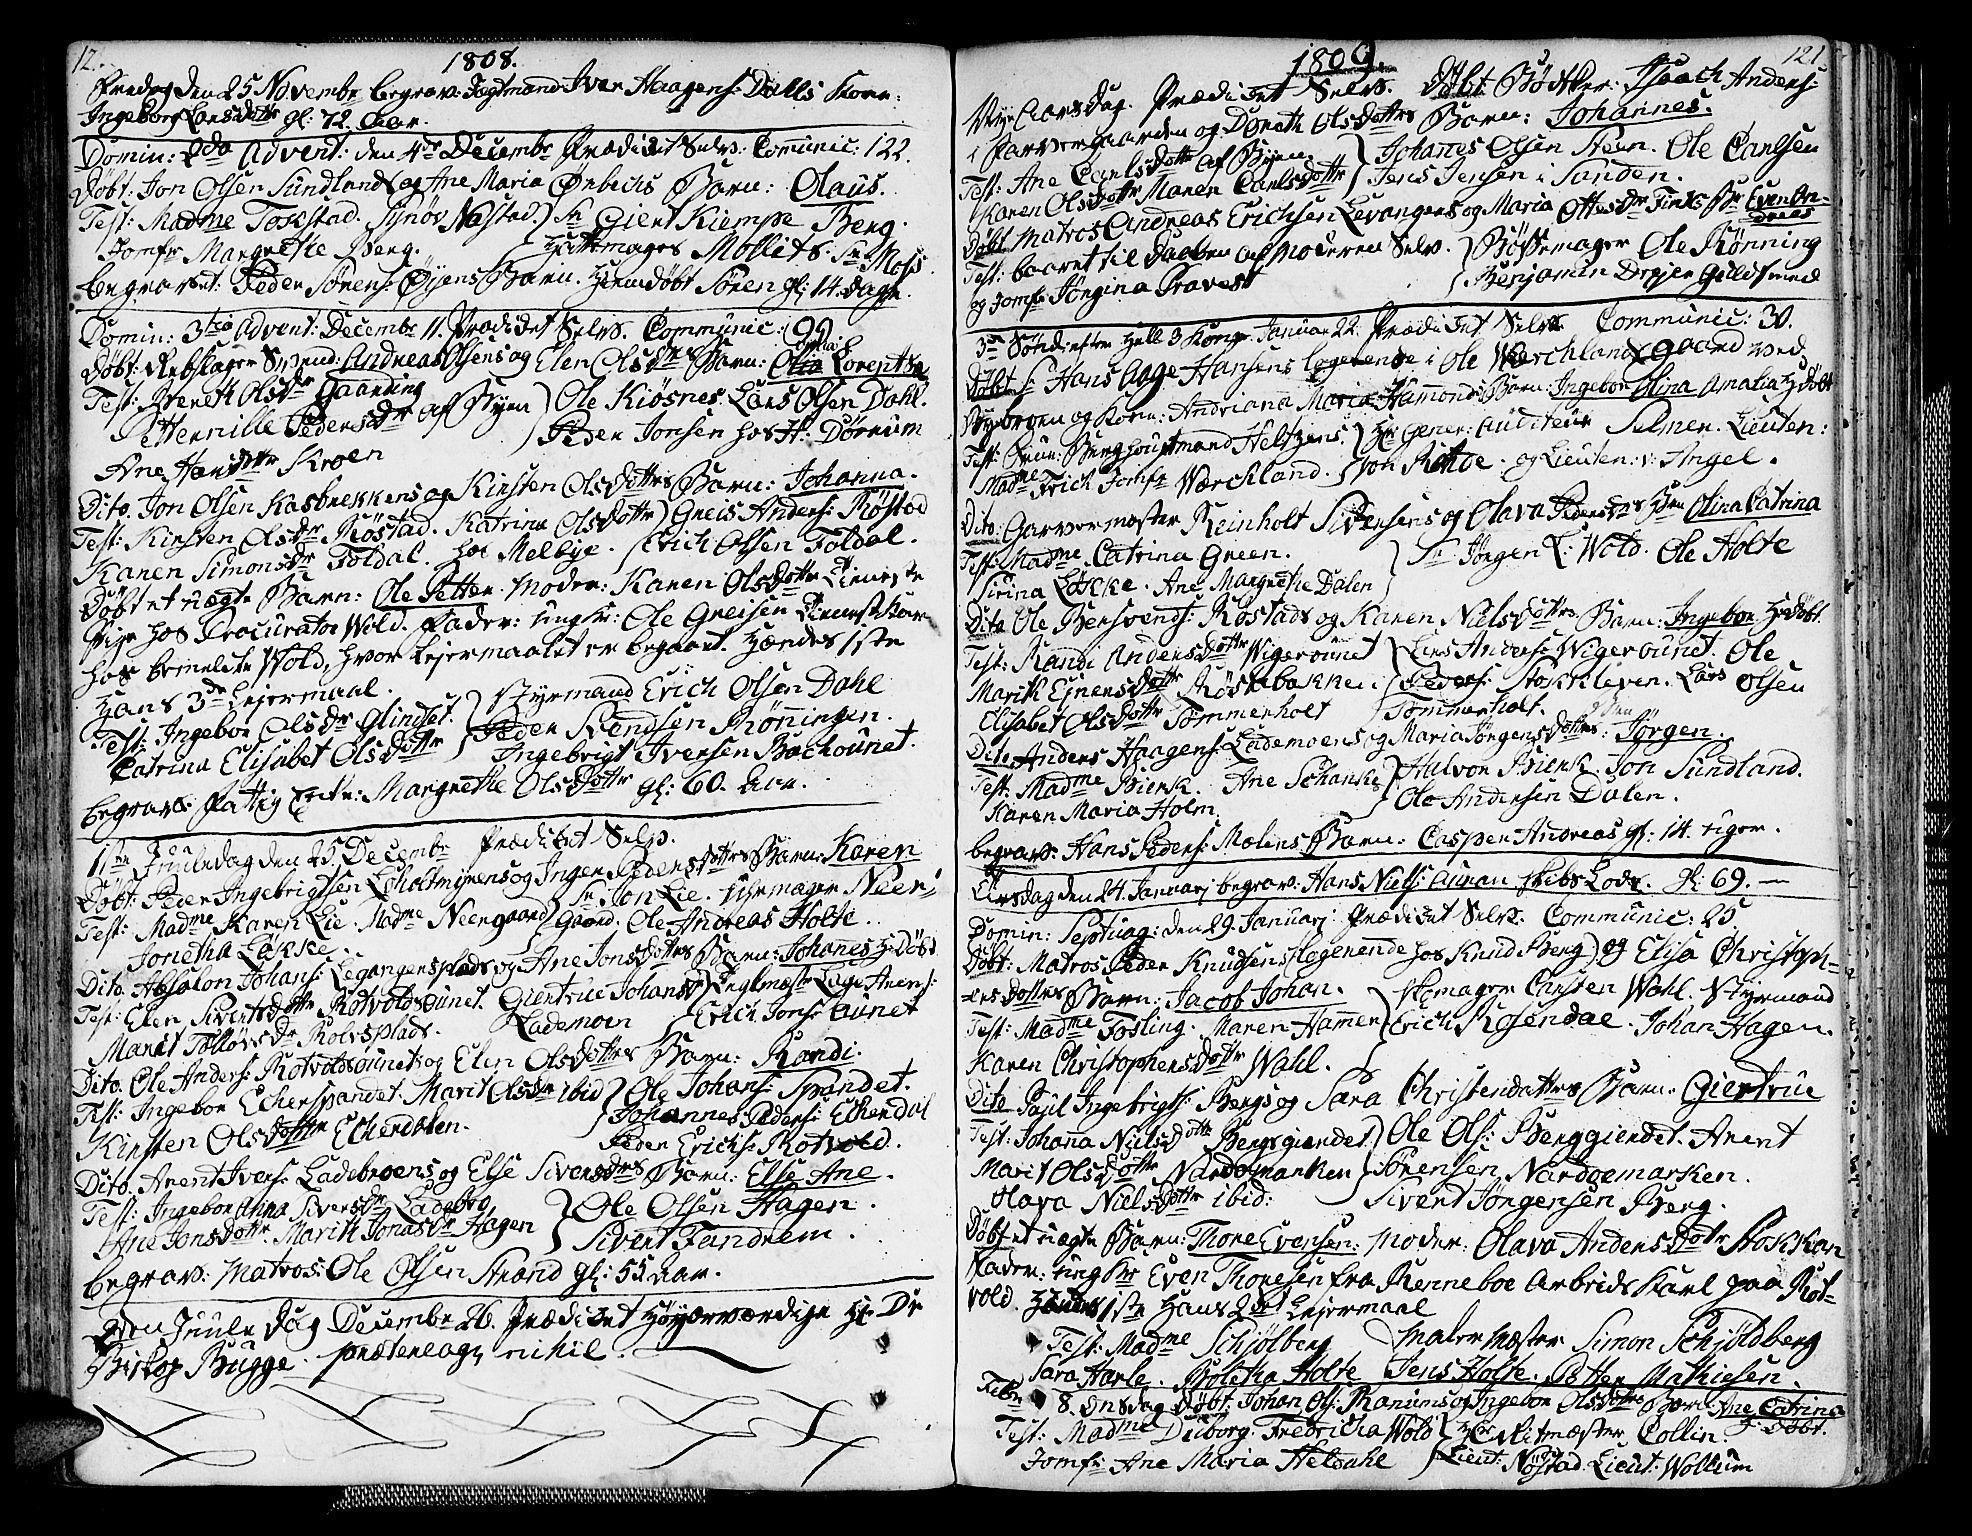 SAT, Ministerialprotokoller, klokkerbøker og fødselsregistre - Sør-Trøndelag, 604/L0181: Ministerialbok nr. 604A02, 1798-1817, s. 121a-121b